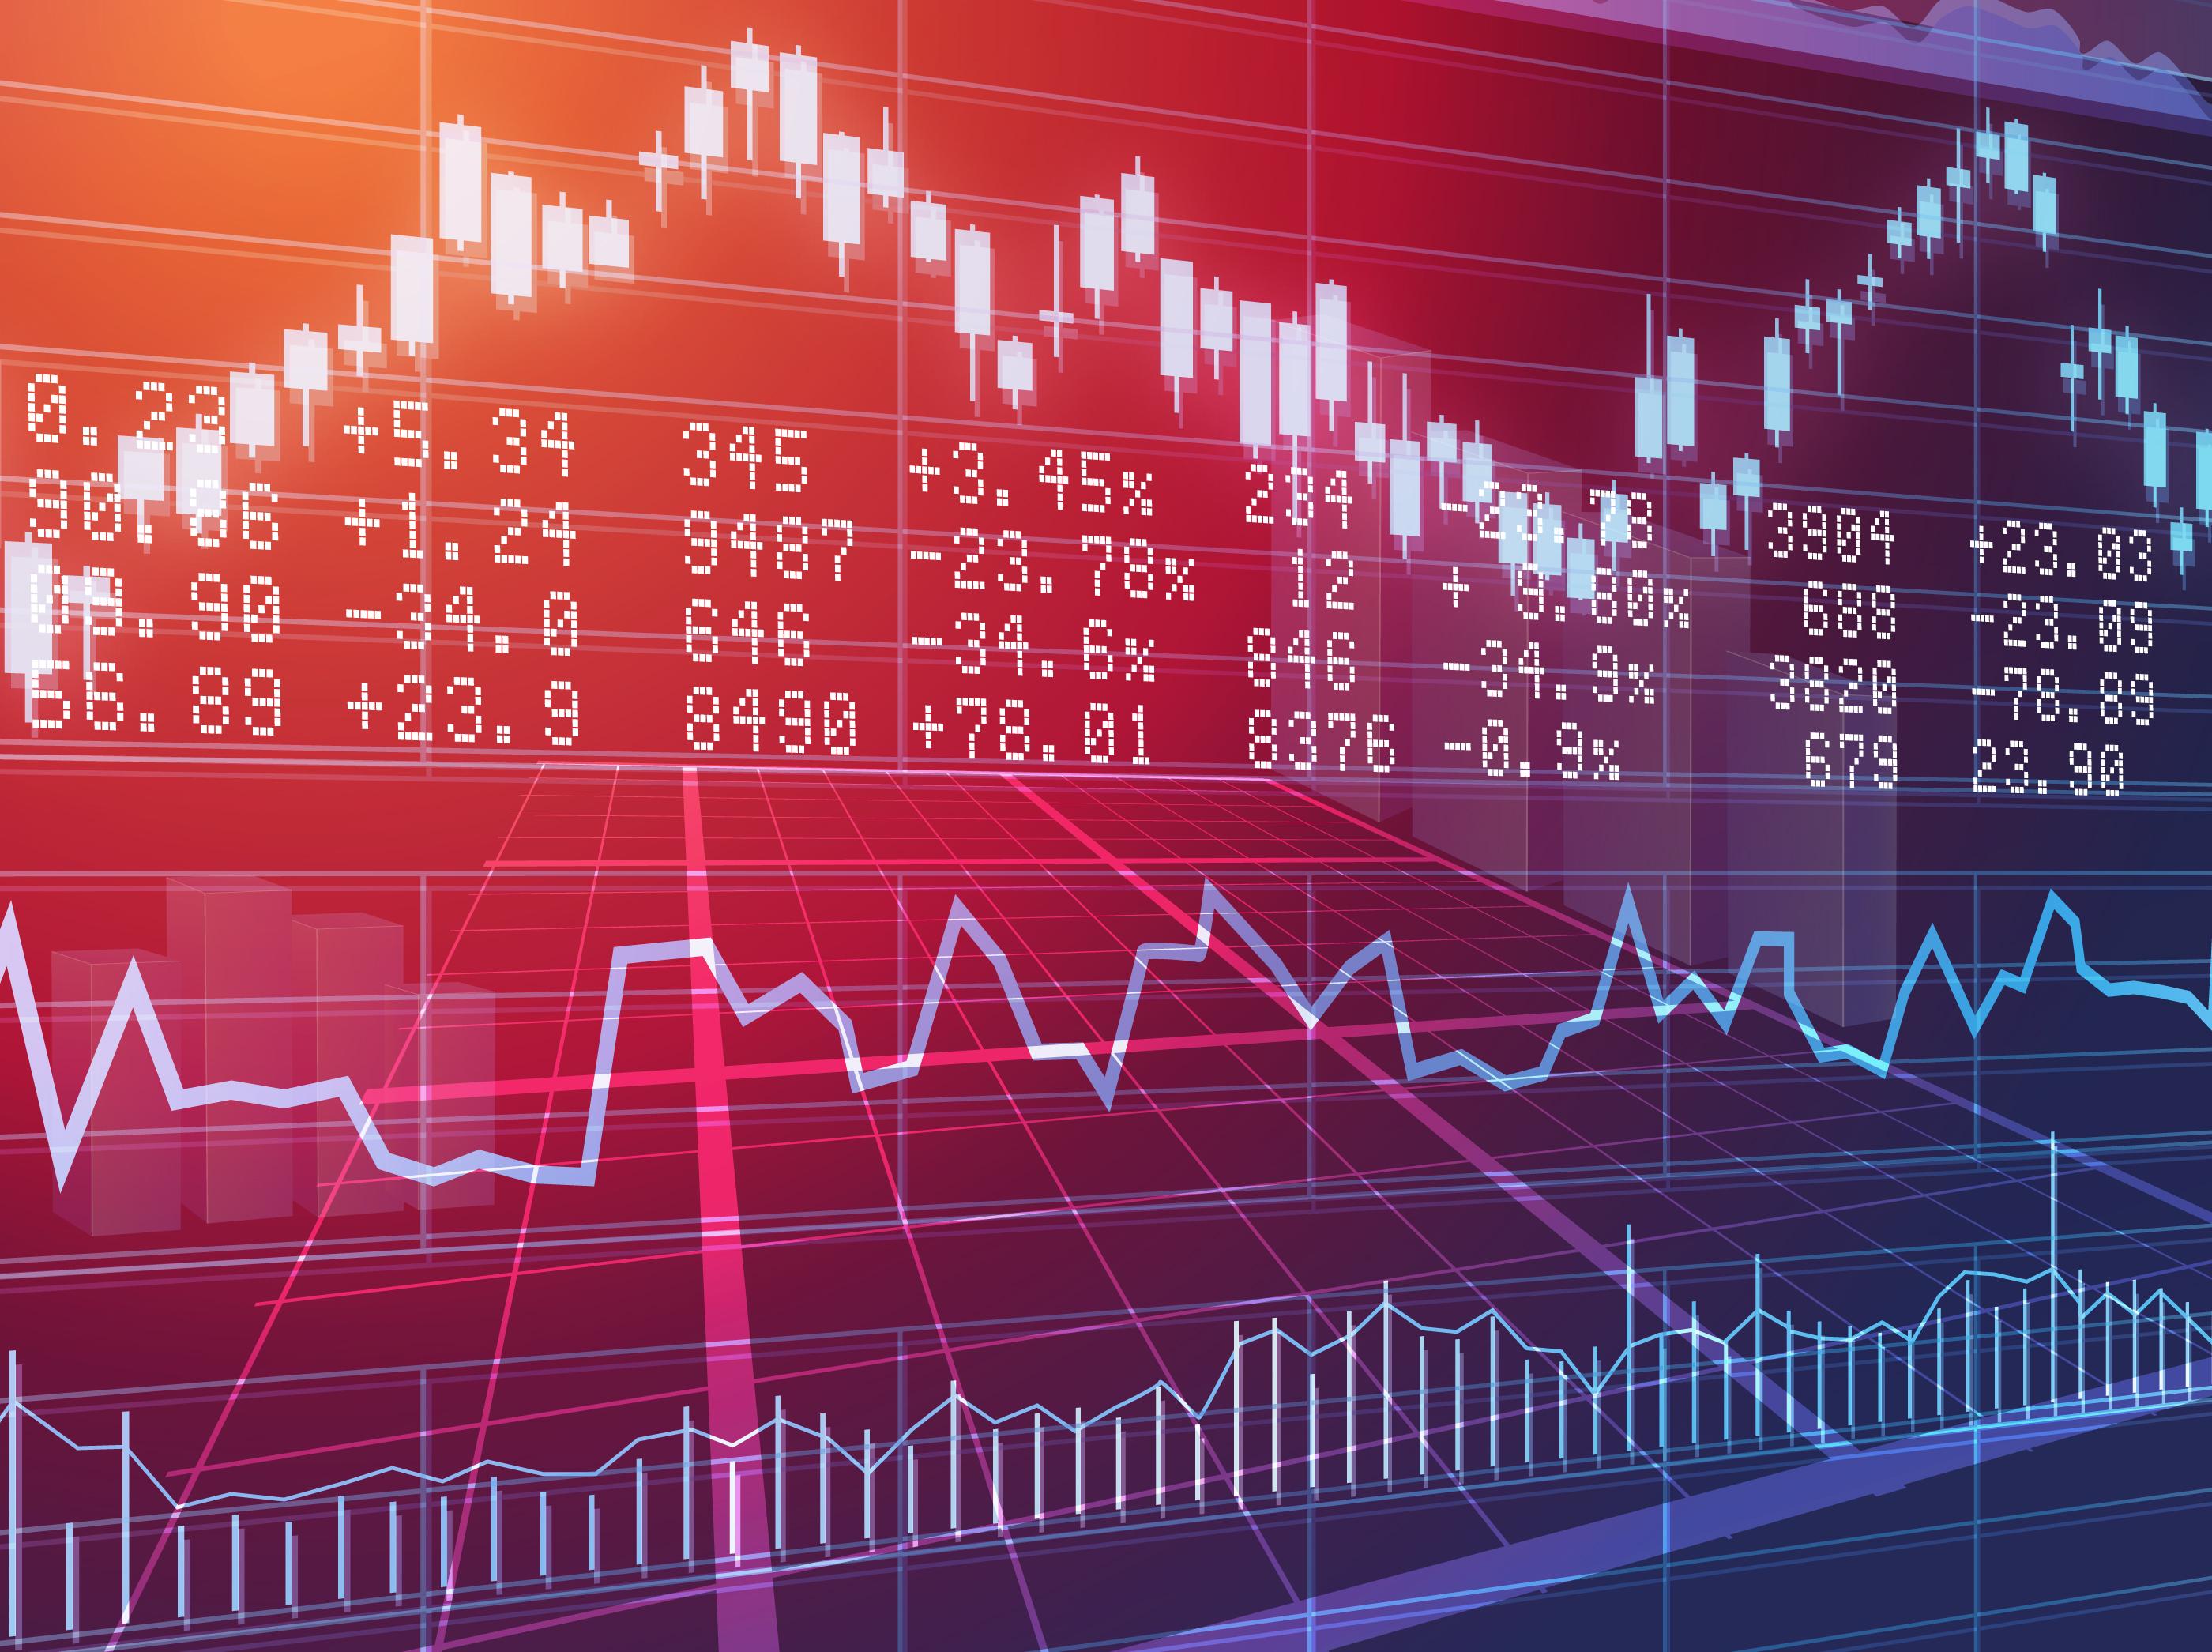 APG, KPF, TLD, HDG, MCP, HBC, NLG, TMS, CLW, MAC, SDG, QNS: Thông tin giao dịch cổ phiếu